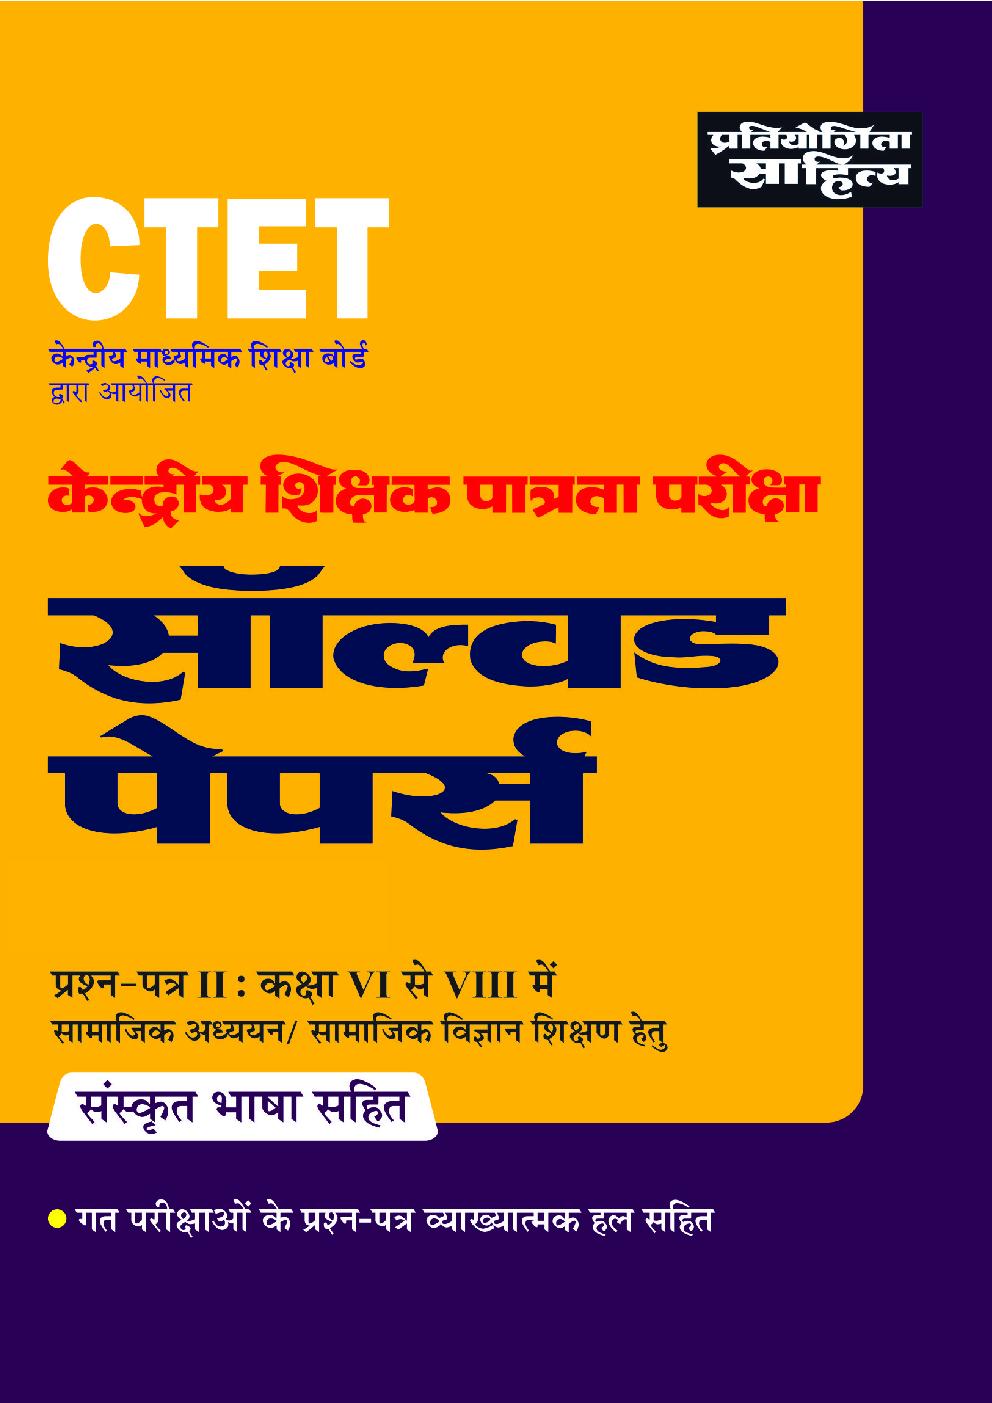 CTET Solved Papers Prashna-II Kaksha VI Se VIII me Samajik Adhyan /Samajik Vigyan Shikshan Hetu Sanskrit Bhasha Sahit - Page 1